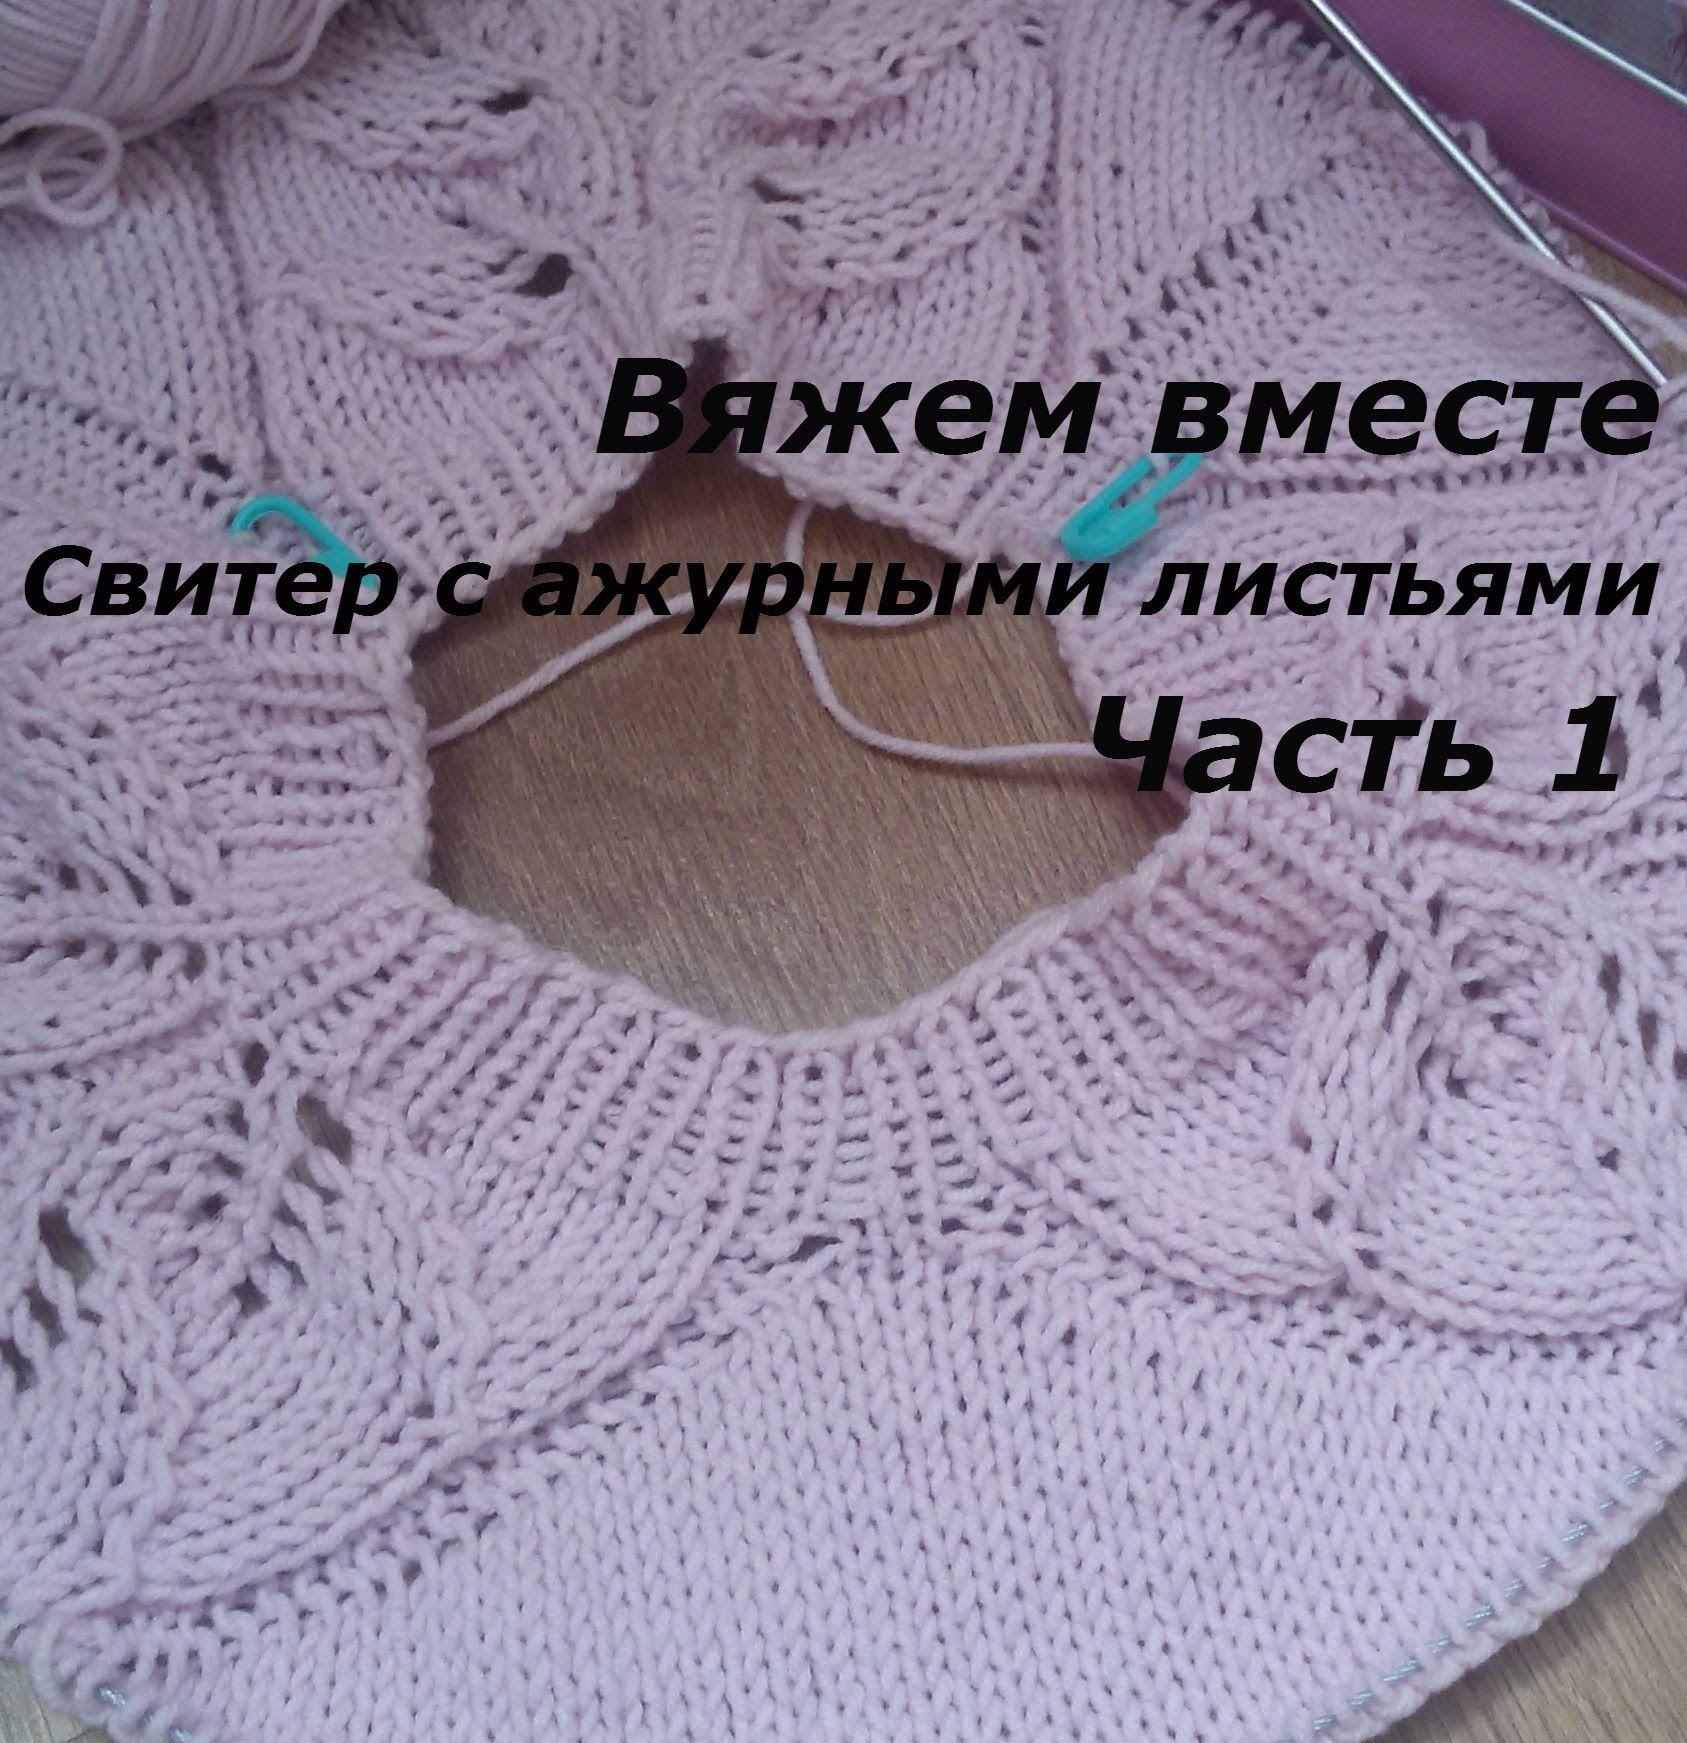 Вяжем вместе/Свитер с ажурными листьями/Регланом сверху